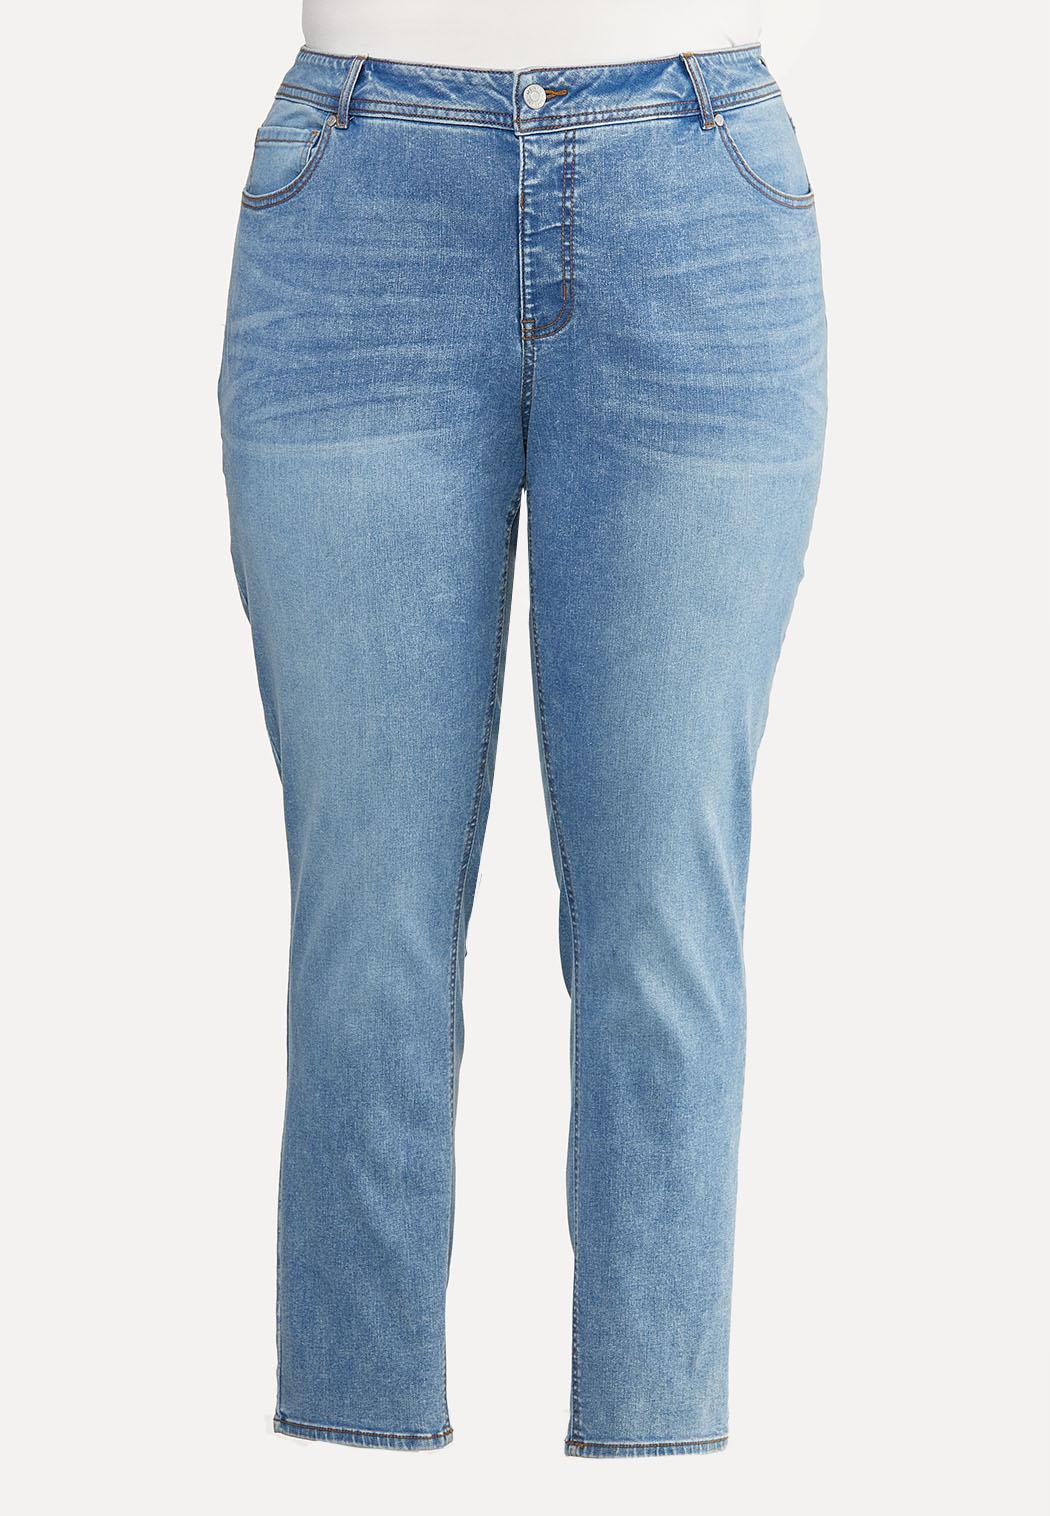 Plus Petite Super Stretch Skinny Jeans